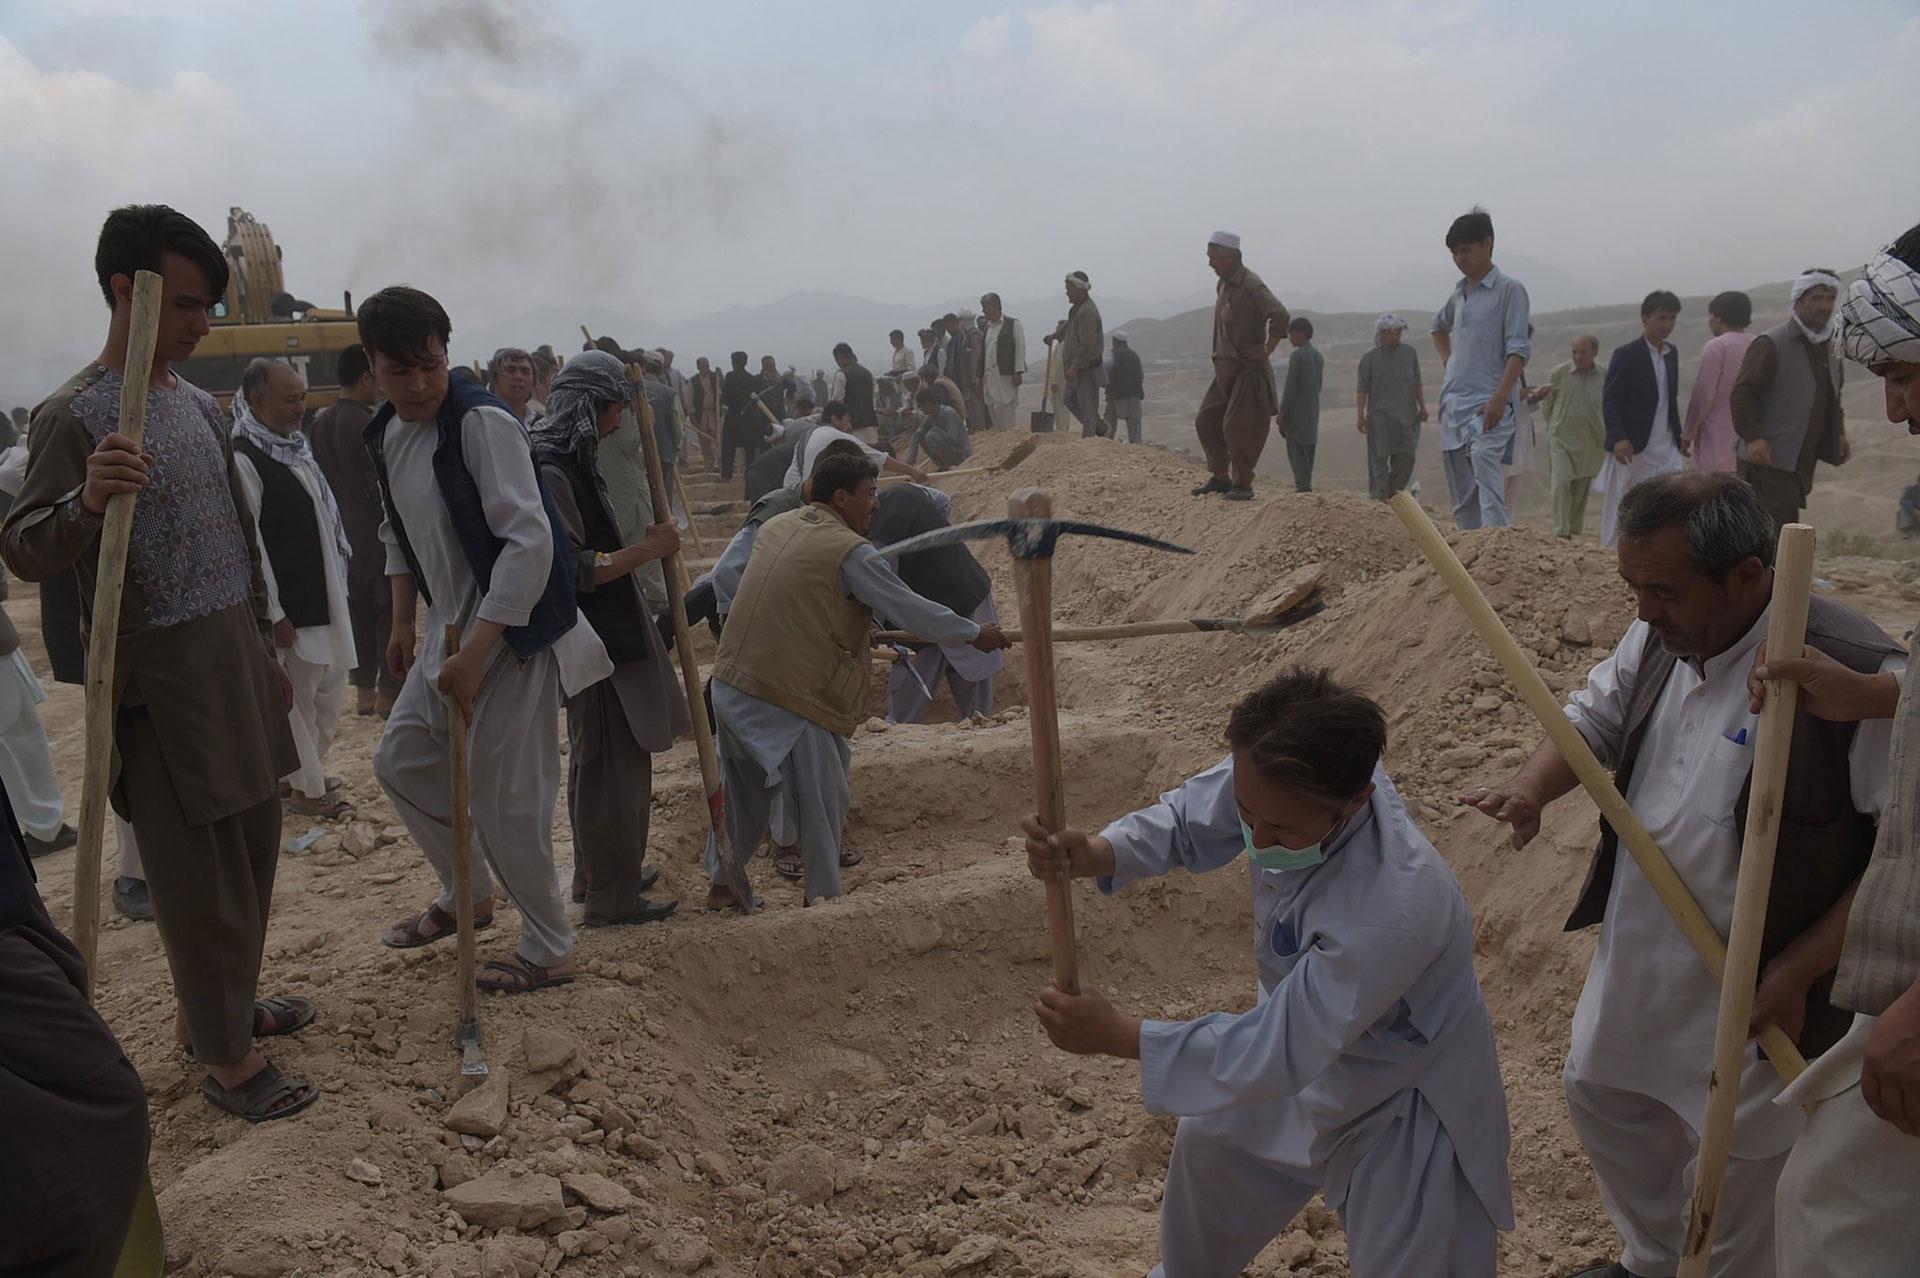 Estos hombres están cavando tumbas paras las víctimas de un atentado terrorista ocurrido en 2016 en Kabul (AFP)